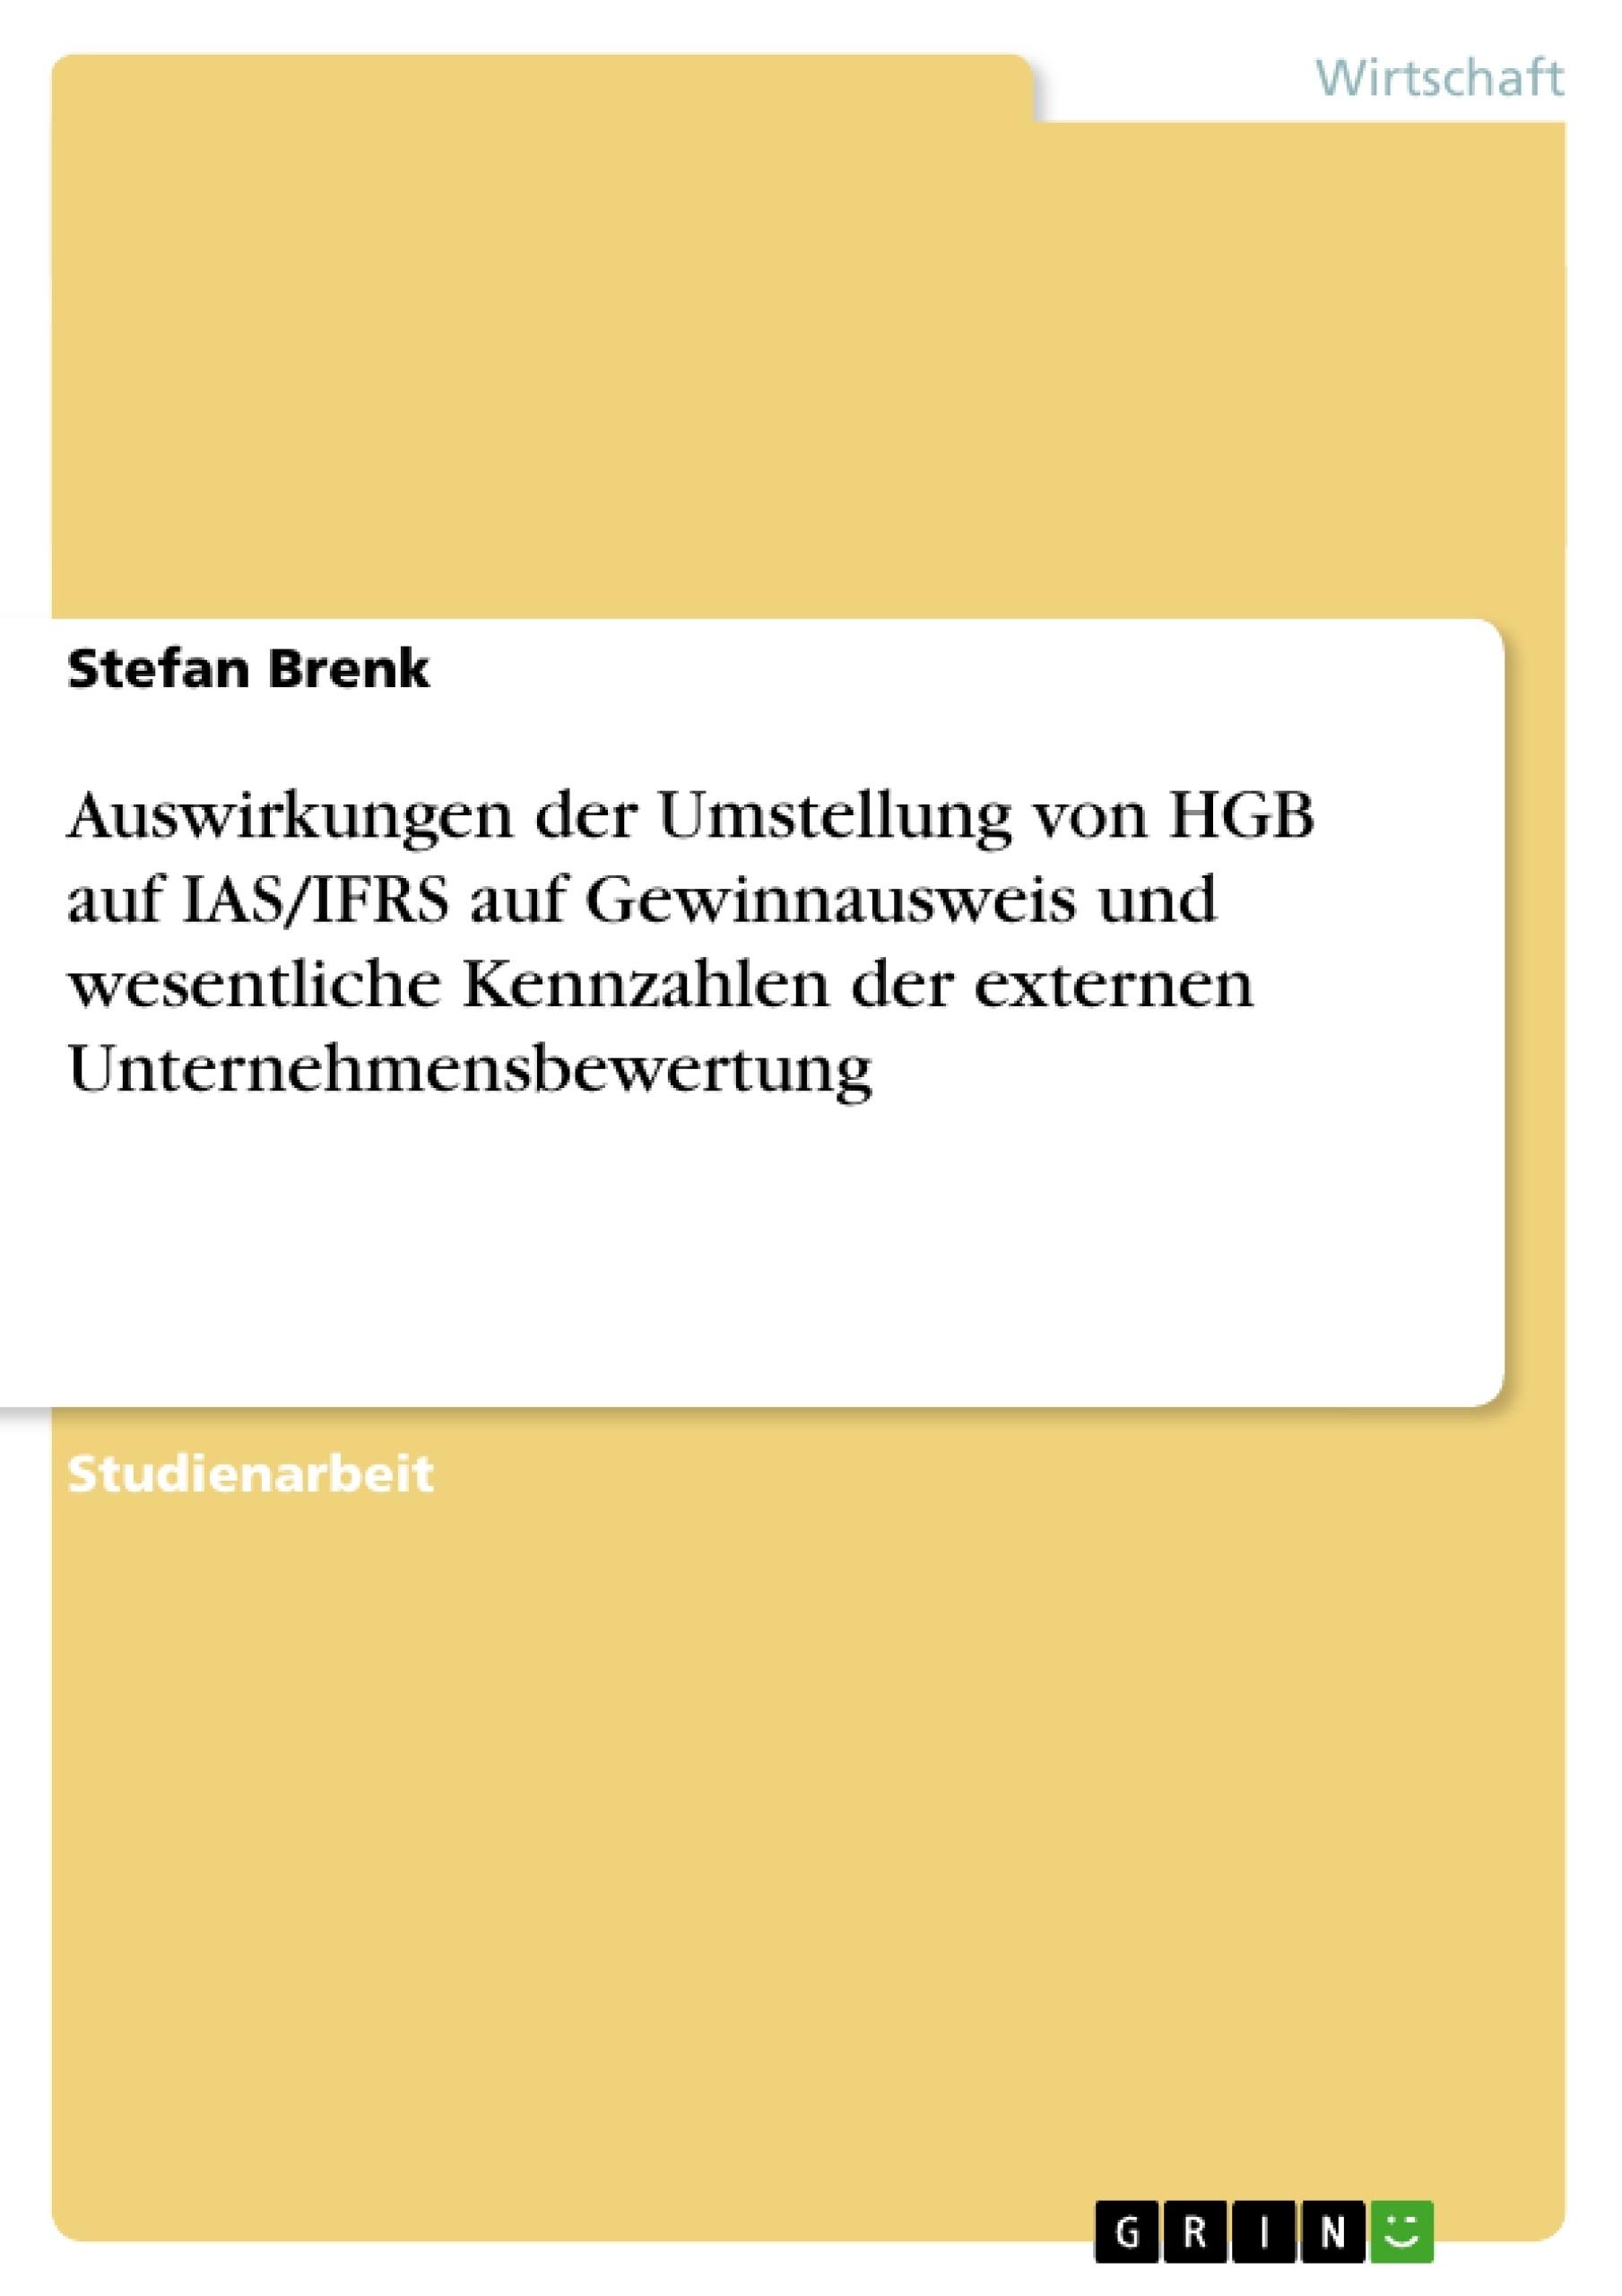 Titel: Auswirkungen der Umstellung von HGB auf IAS/IFRS auf Gewinnausweis und wesentliche Kennzahlen der externen Unternehmensbewertung